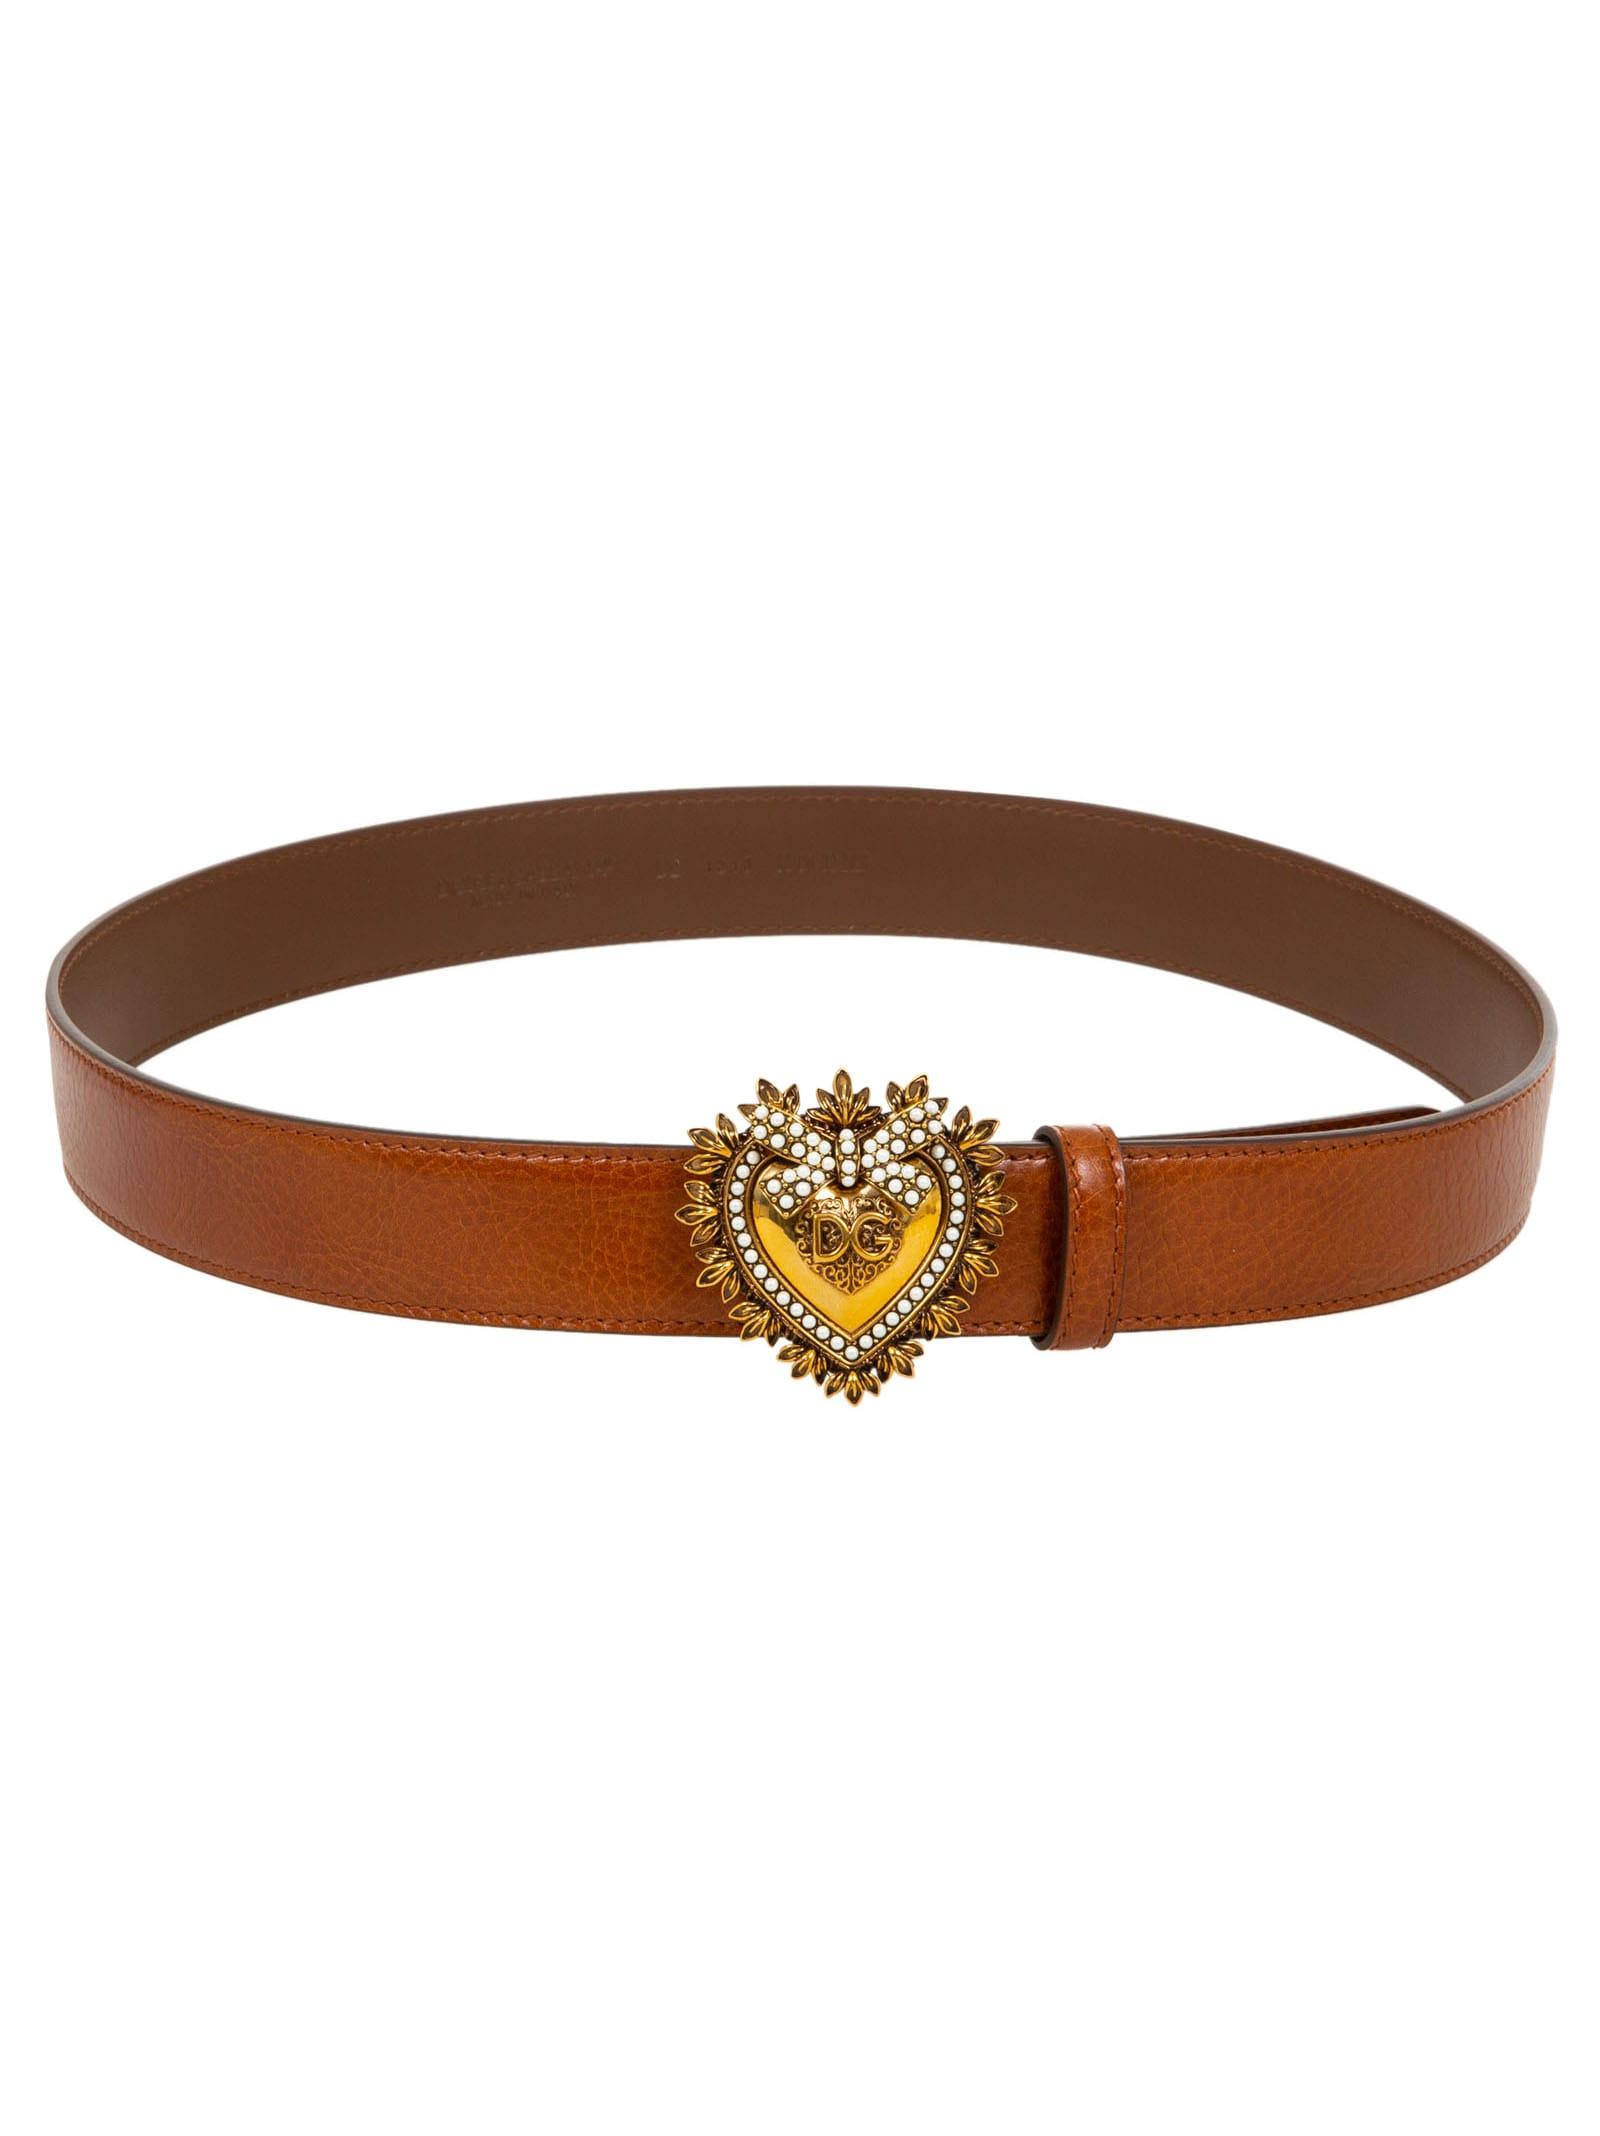 Dolce & Gabbana Belts HEART BUCKLED BELT